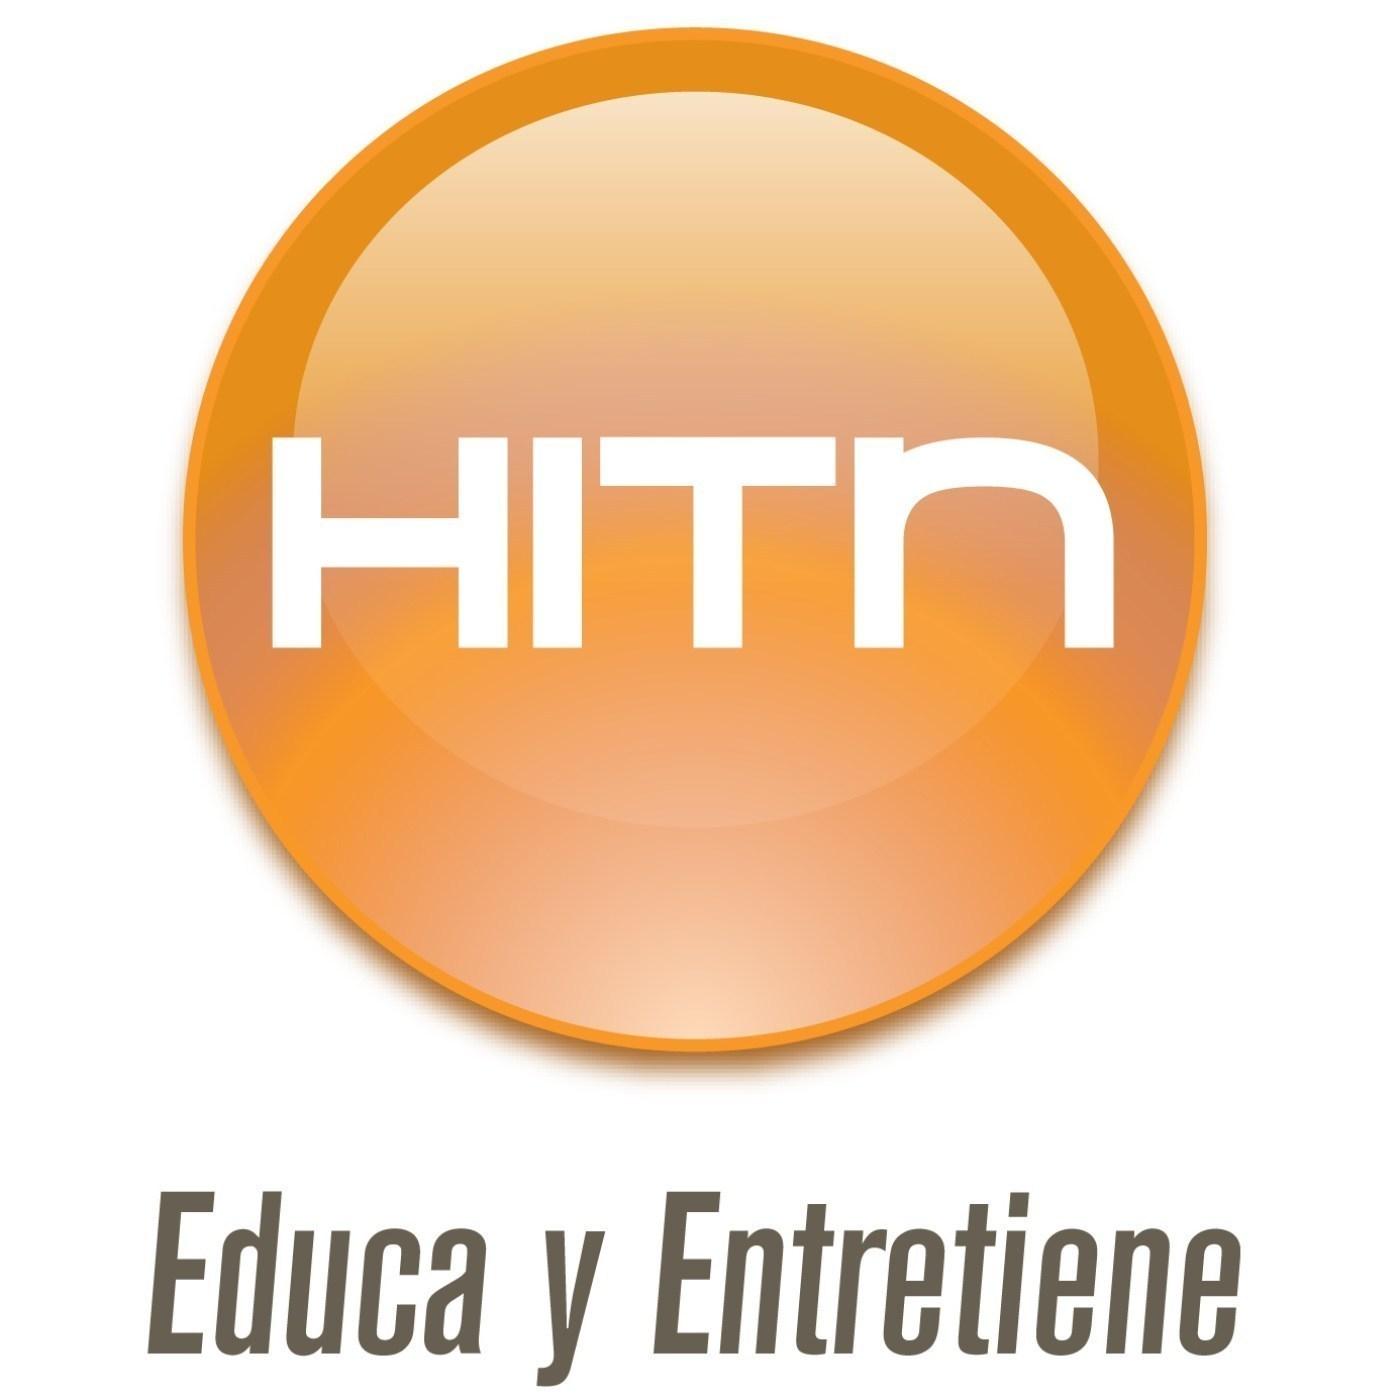 Hitn Educational App Wins Kidscreen Award For Best Preschool